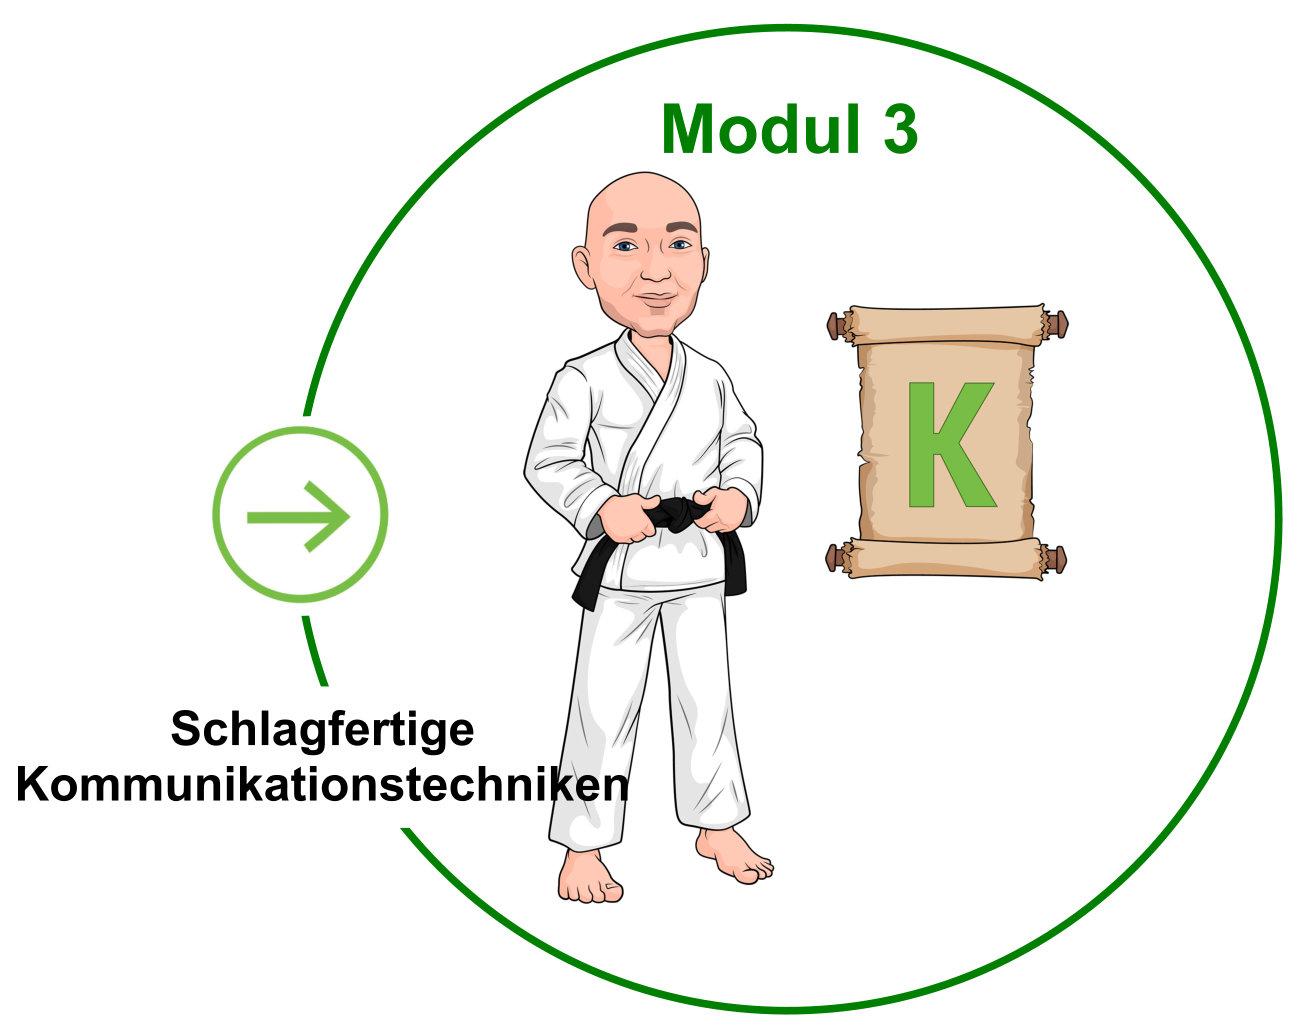 Modul 3 - Schlagfertige Kommunikationstechniken